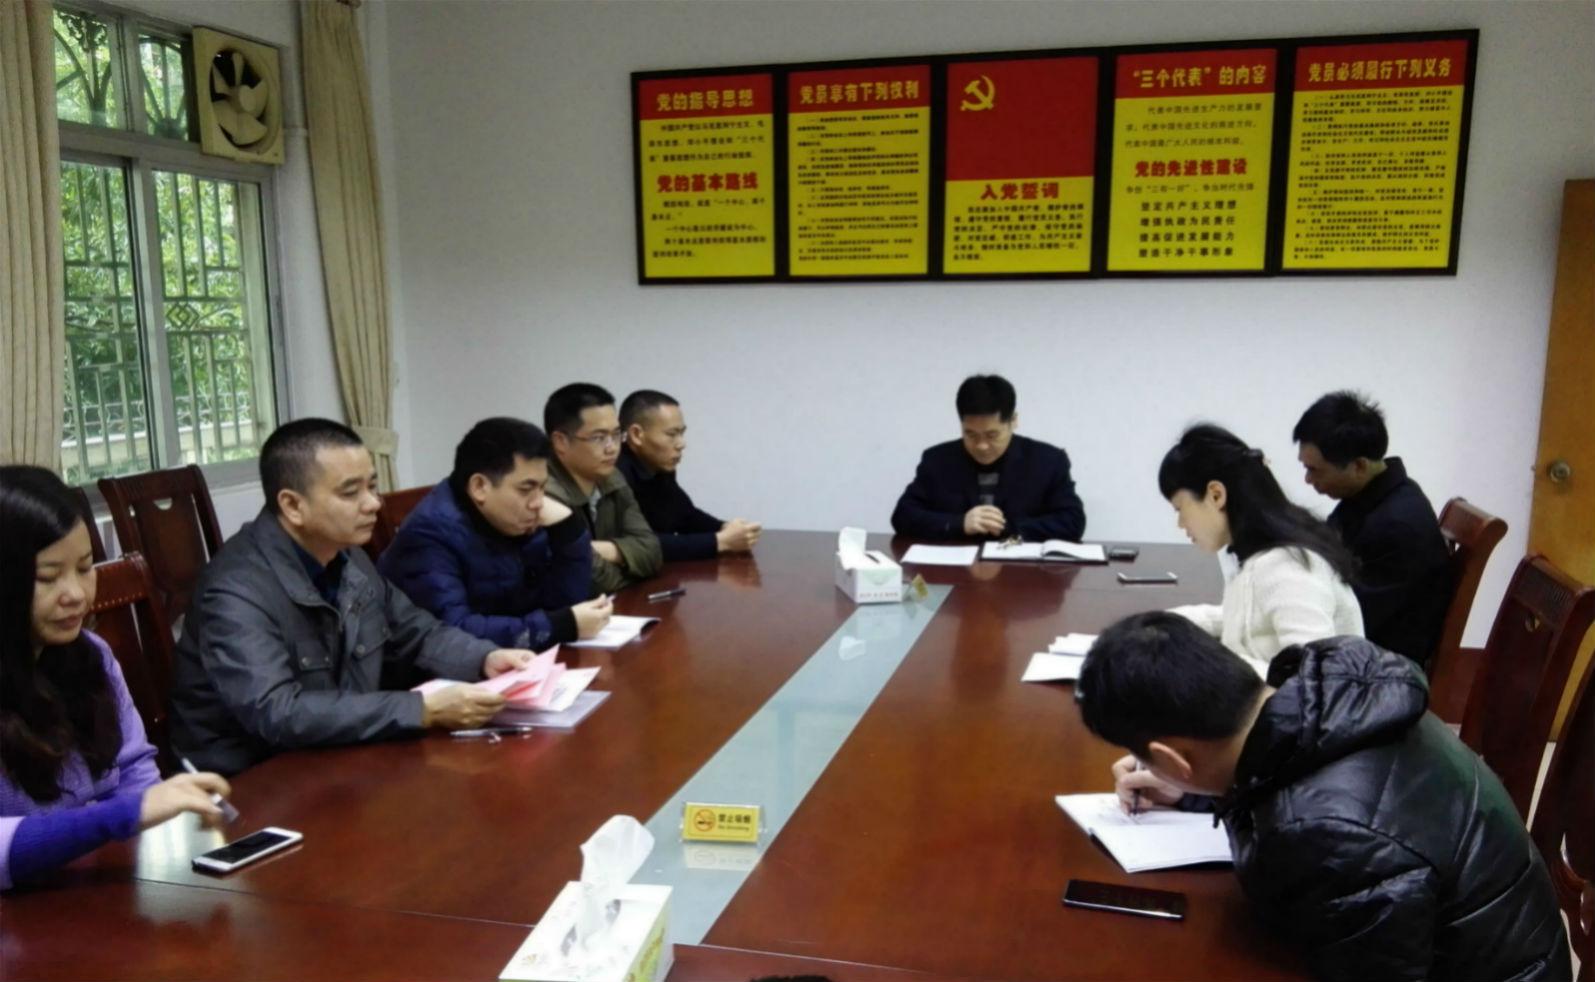 市编办召开工会成立暨第一次会员大会